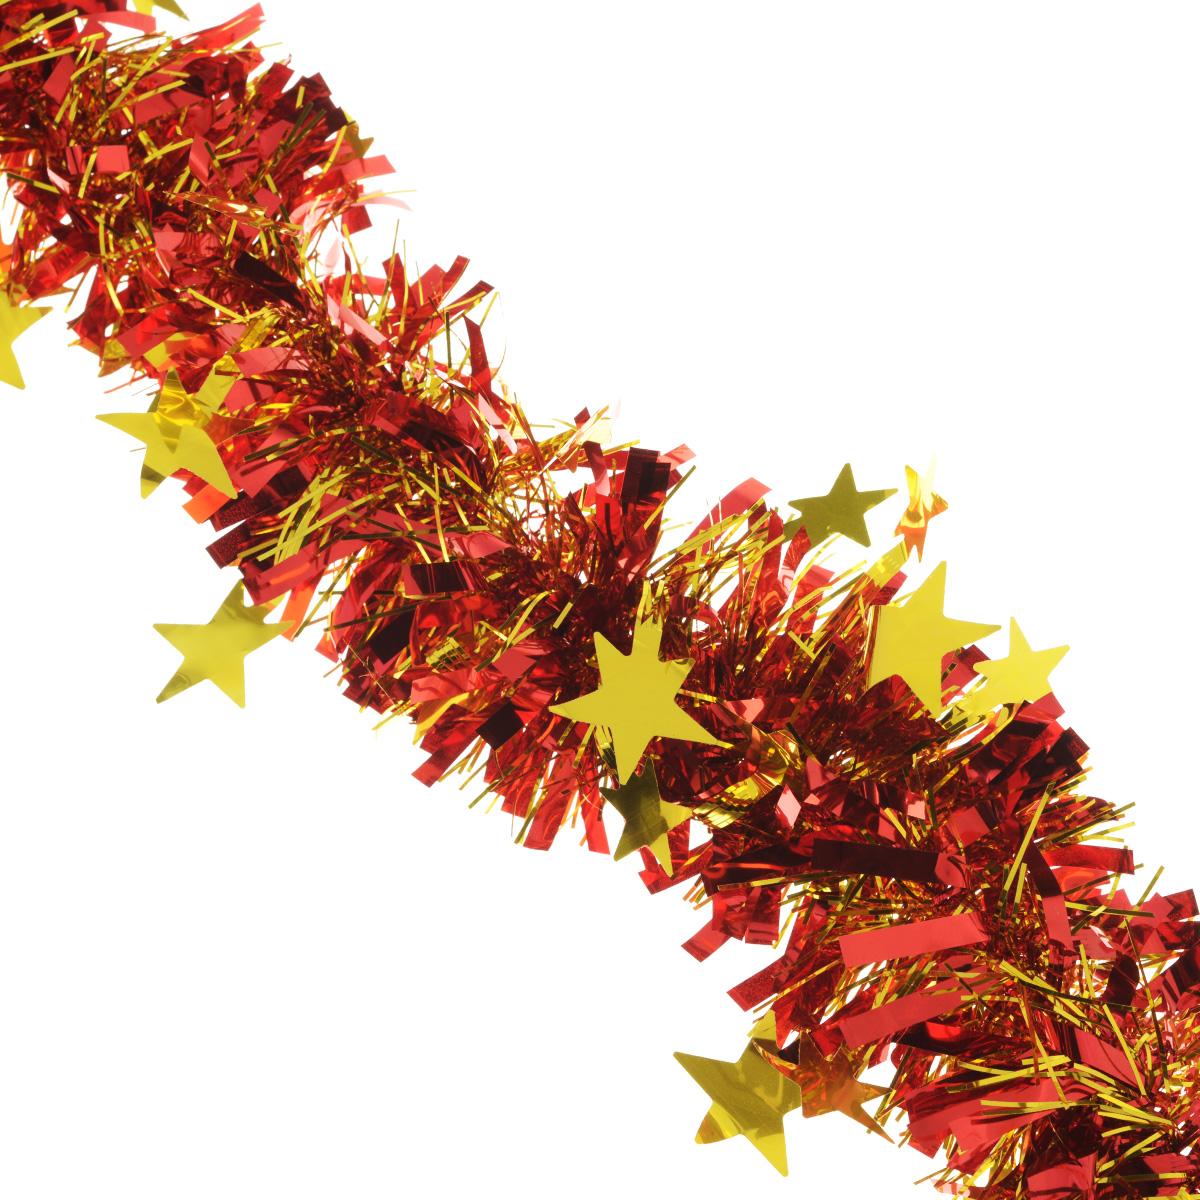 Мишура новогодняя Sima-land, цвет: золотистый, красный, диаметр 9 см, длина 2 м. 706595706595Мишура новогодняя Sima-land, выполненная из двухцветной фольги, поможет вам украсить свой дом к предстоящим праздникам. Мишура армирована, то есть имеет проволоку внутри и способна сохранять приданную ей форму.Новогодняя елка с таким украшением станет еще наряднее. Новогодней мишурой можно украсить все, что угодно - елку, квартиру, дачу, офис - как внутри, так и снаружи. Можно сложить новогодние поздравления, буквы и цифры, мишурой можно украсить и дополнить гирлянды, можно выделить дверные колонны, оплести дверные проемы. Коллекция декоративных украшений из серии Зимнее волшебство принесет в ваш дом ни с чем несравнимое ощущение праздника! Создайте в своем доме атмосферу тепла, веселья и радости, украшая его всей семьей.